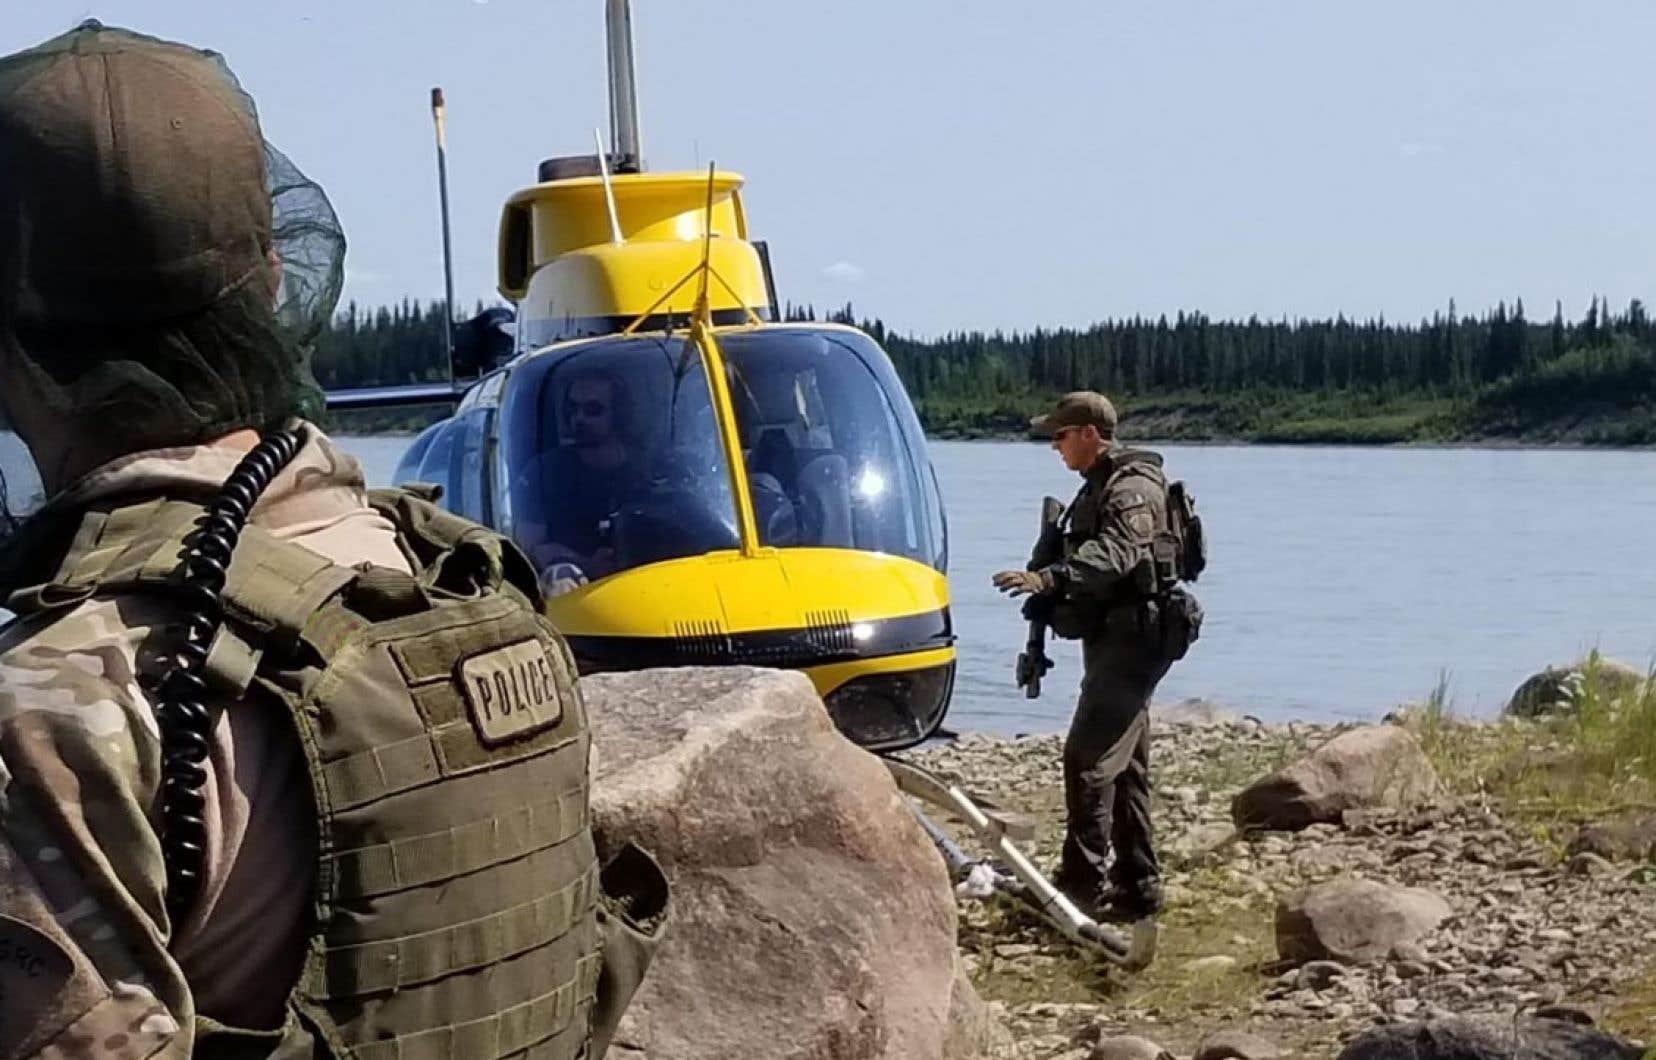 Des agents effectuant des recherches par hélicoptère en vue de retrouver les deux jeunes fugitifs ont repéré une embarcation en aluminium endommagée sur les rives du fleuve Nelson, dans le nord-est du Manitoba, a indiqué la GRC, dimanche.